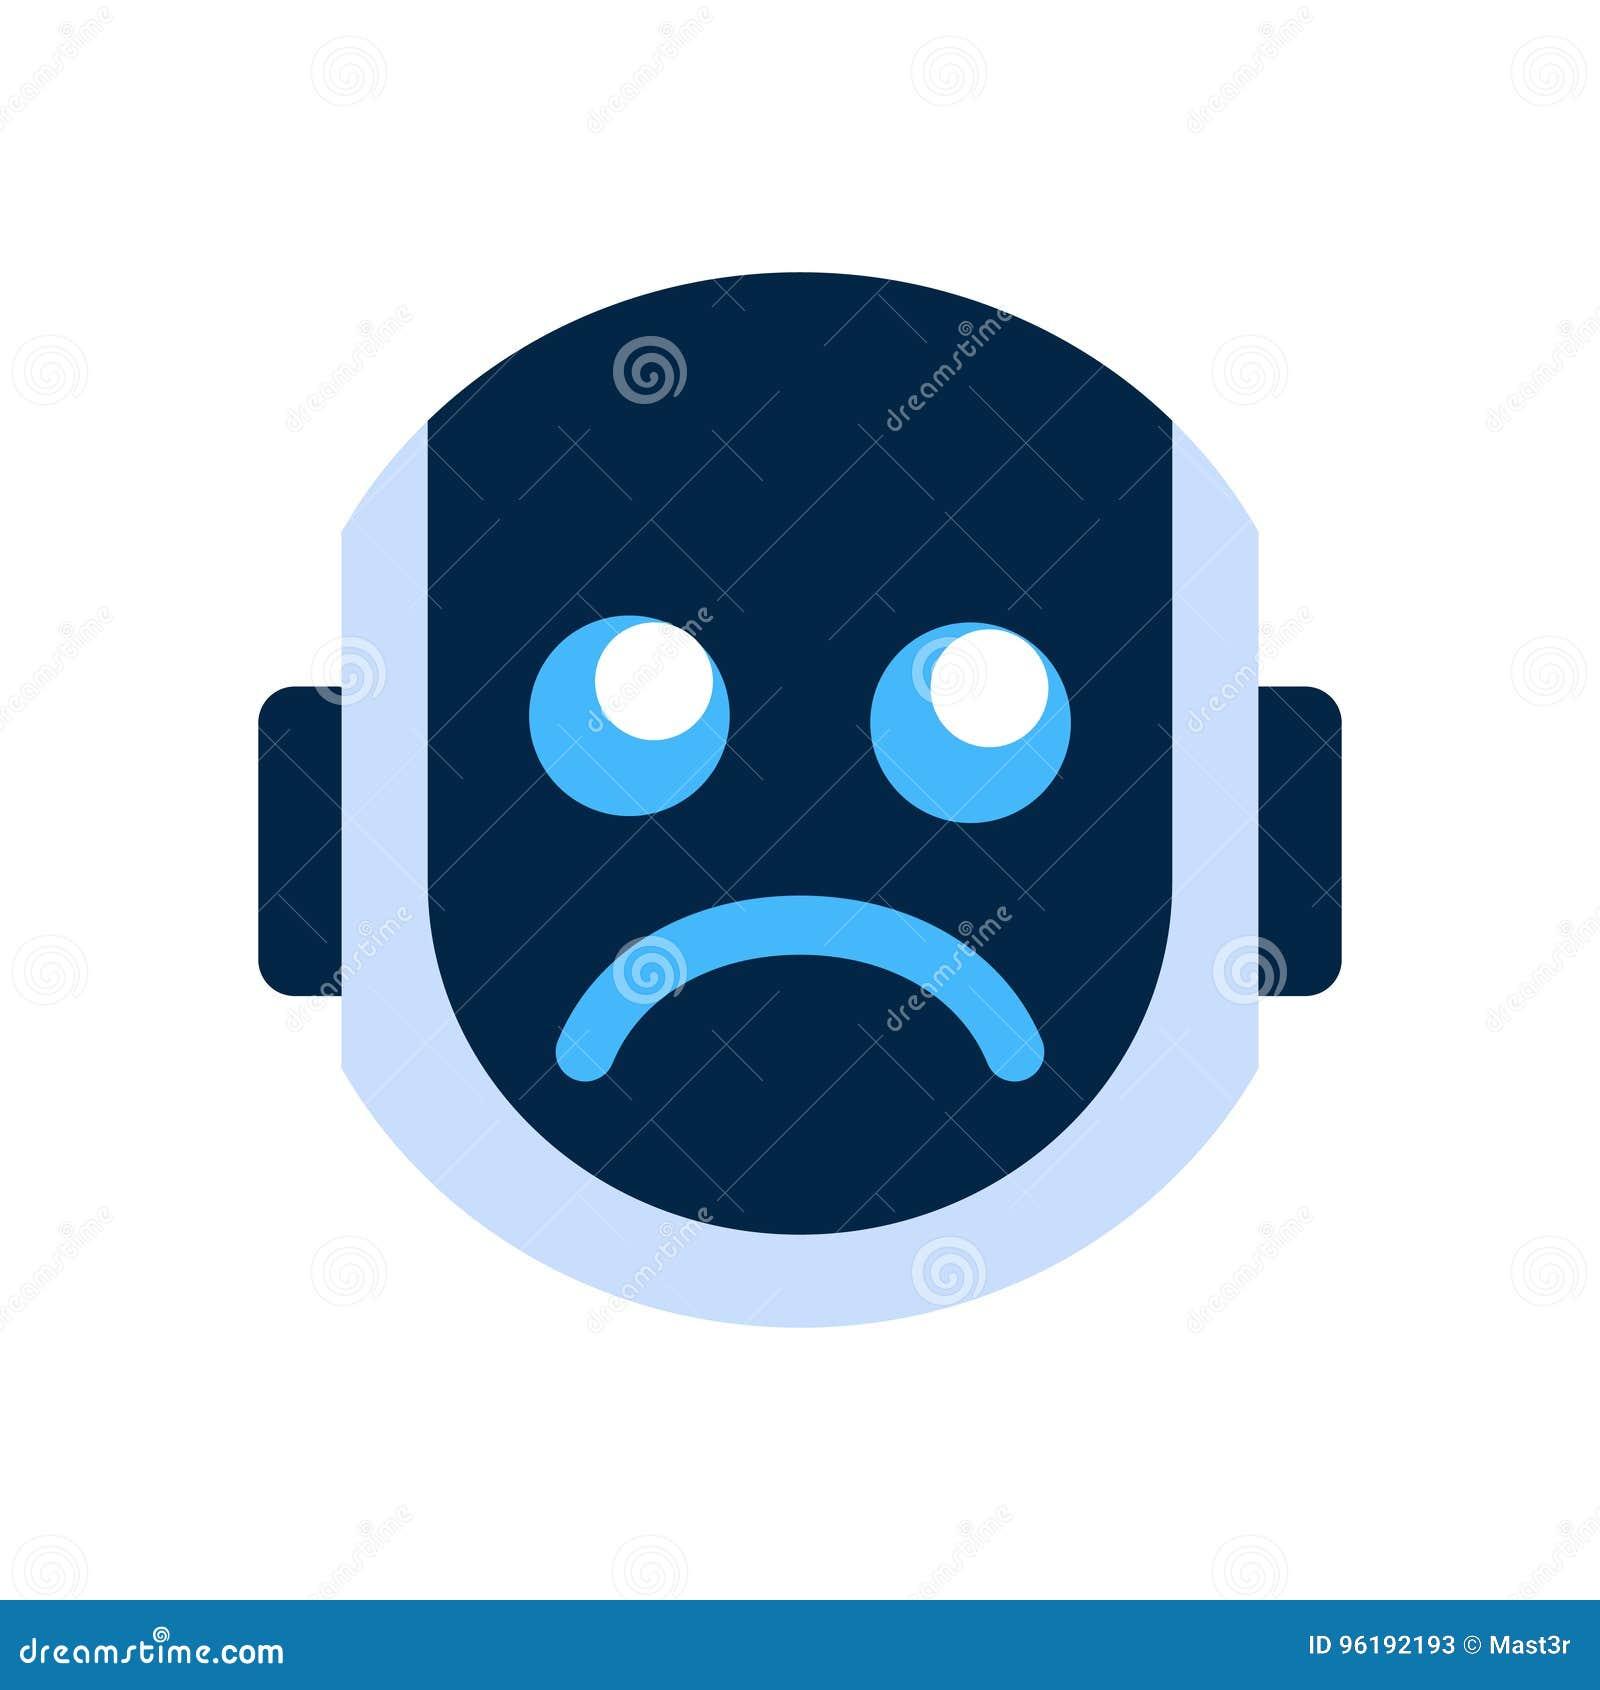 robot-face-icon-sad-face-dissappointed-e